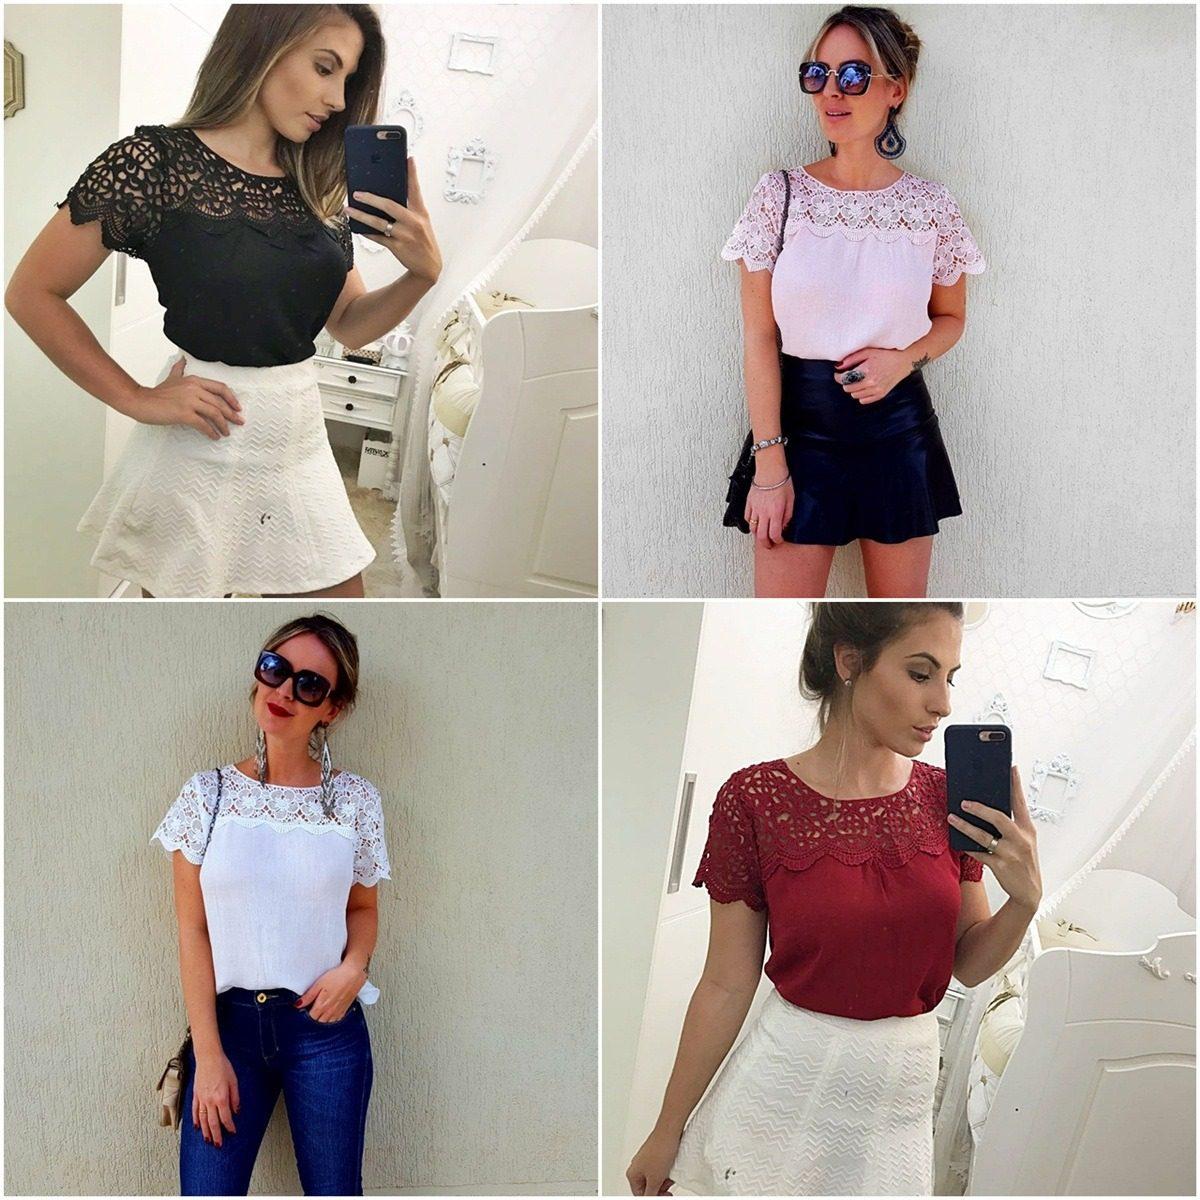 b05b63f49b39 kit blusas femininas renda atacado revenda 13 pçs barato 821. Carregando  zoom.